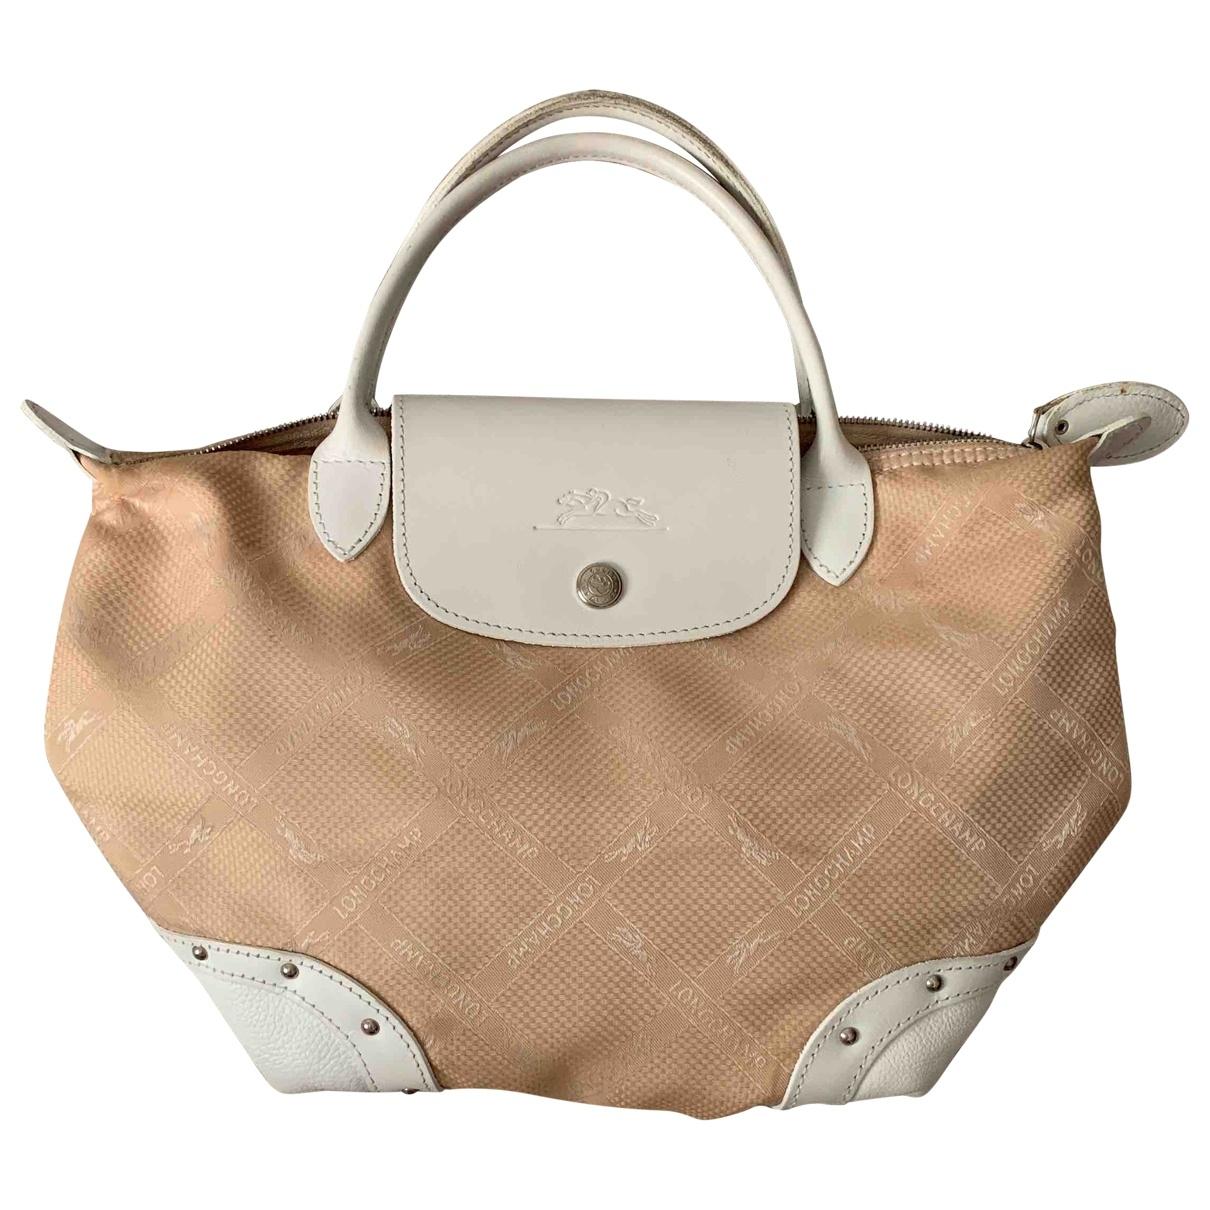 Longchamp - Sac a main Pliage  pour femme en toile - ecru